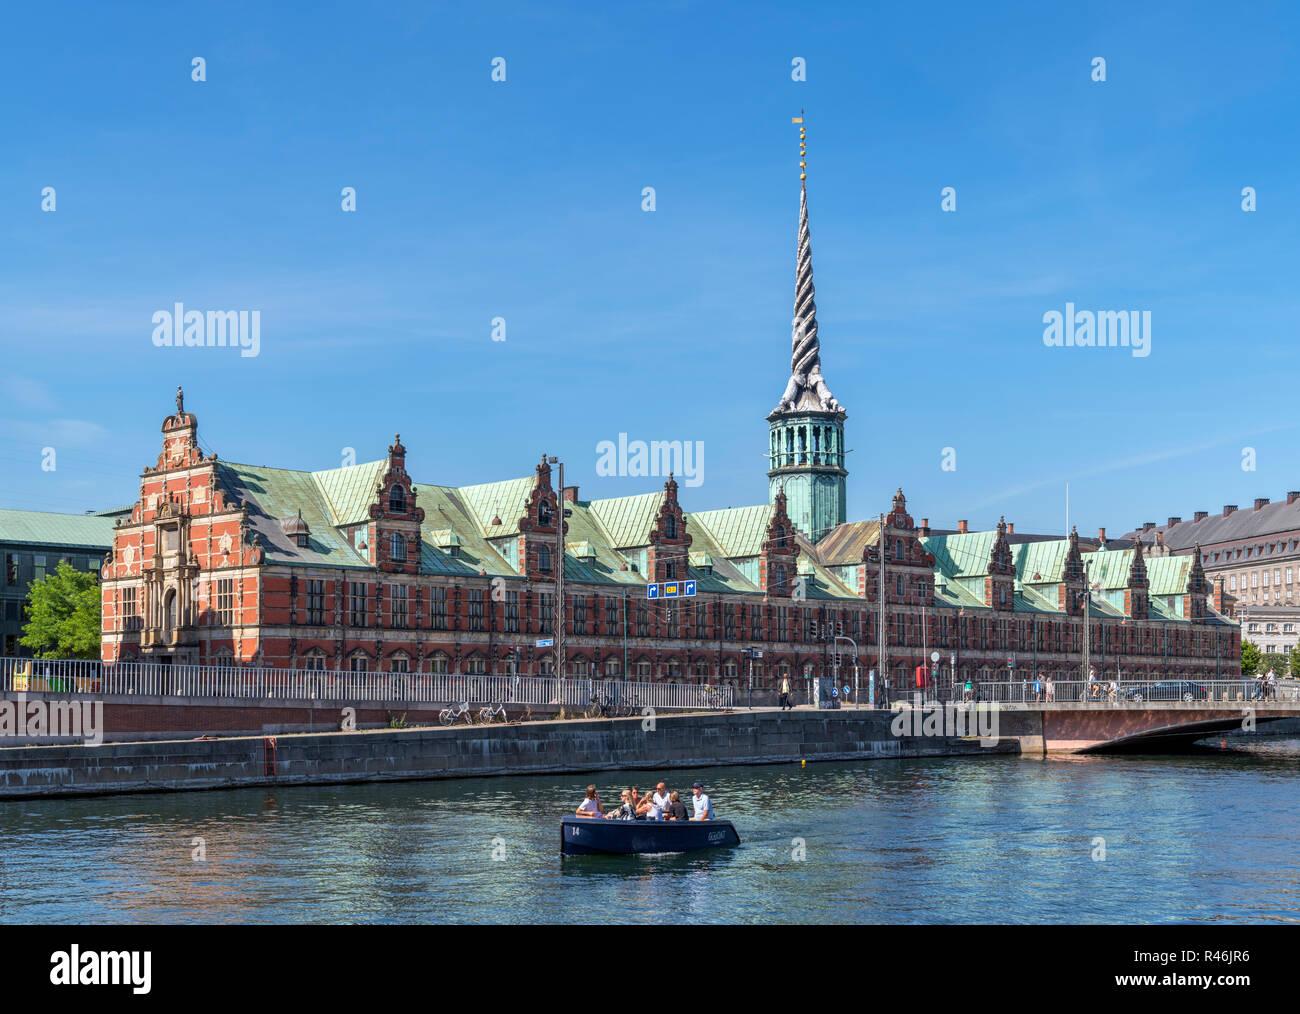 Crucero por el canal Slotholmens mirando hacia la Børsen (la Bolsa), Copenhague, Dinamarca Foto de stock